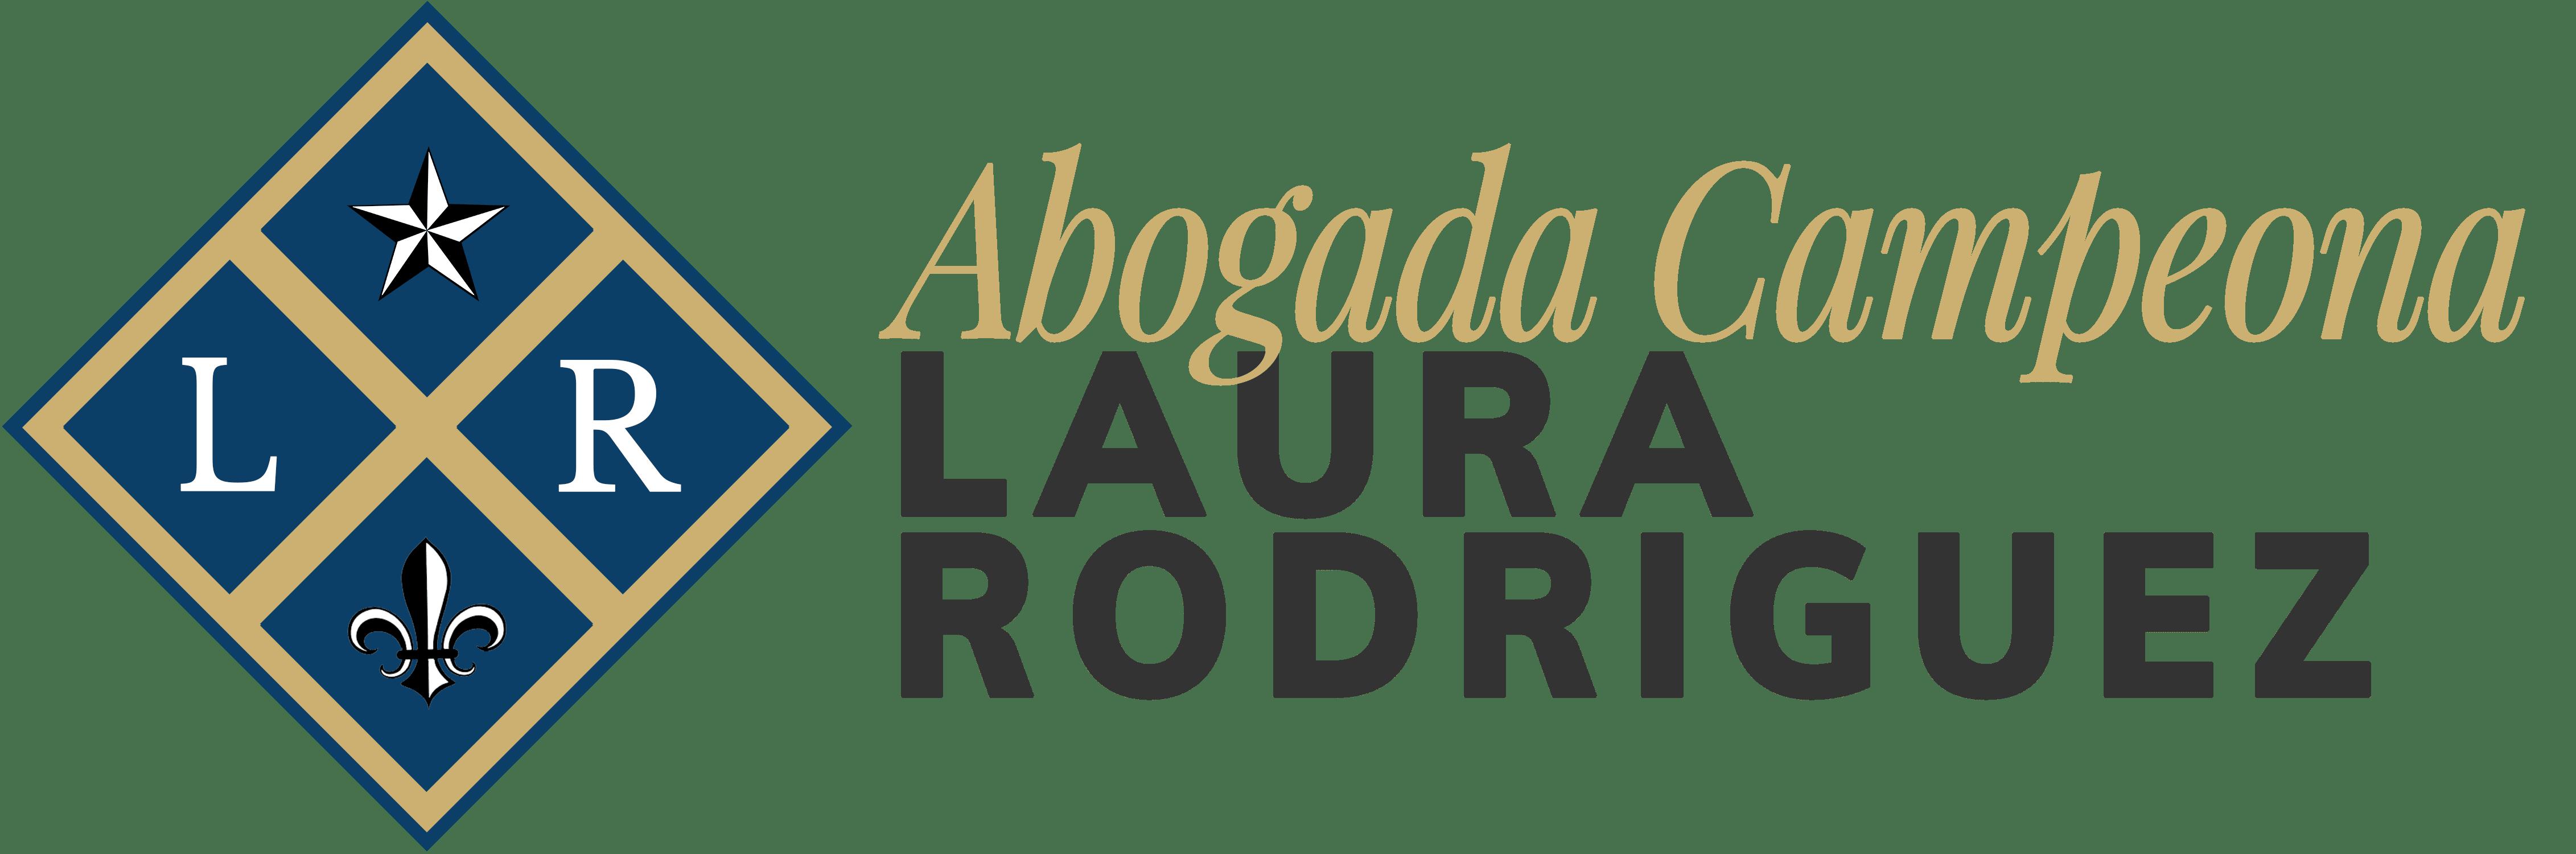 Abogada Campeona-Laura Rodriguez